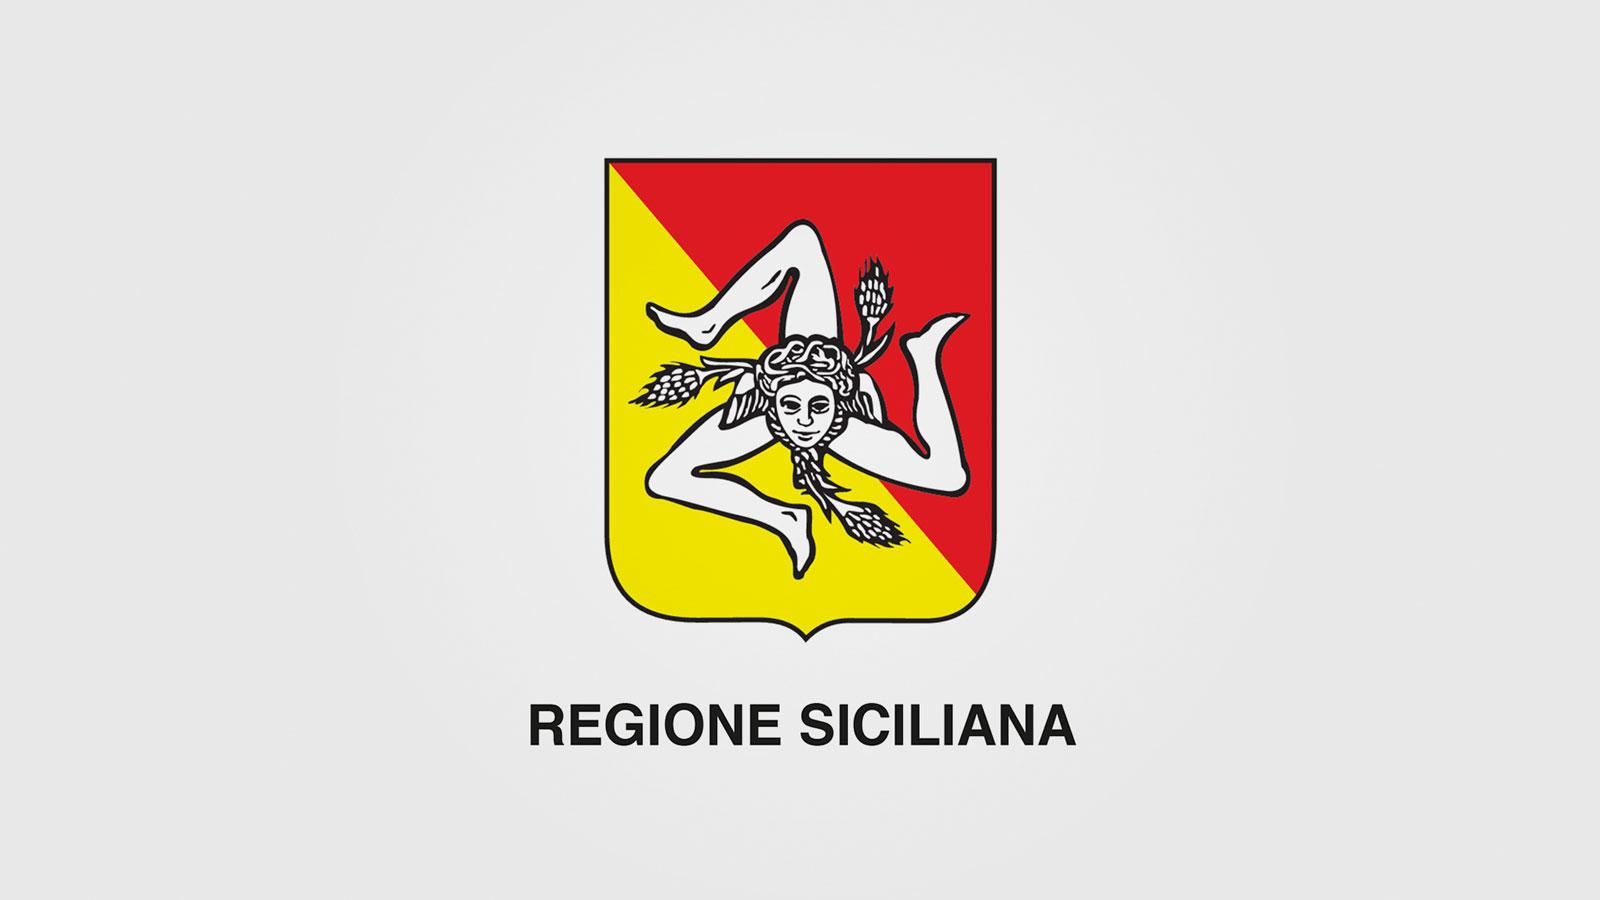 regione-siciliana-logo2.jpg